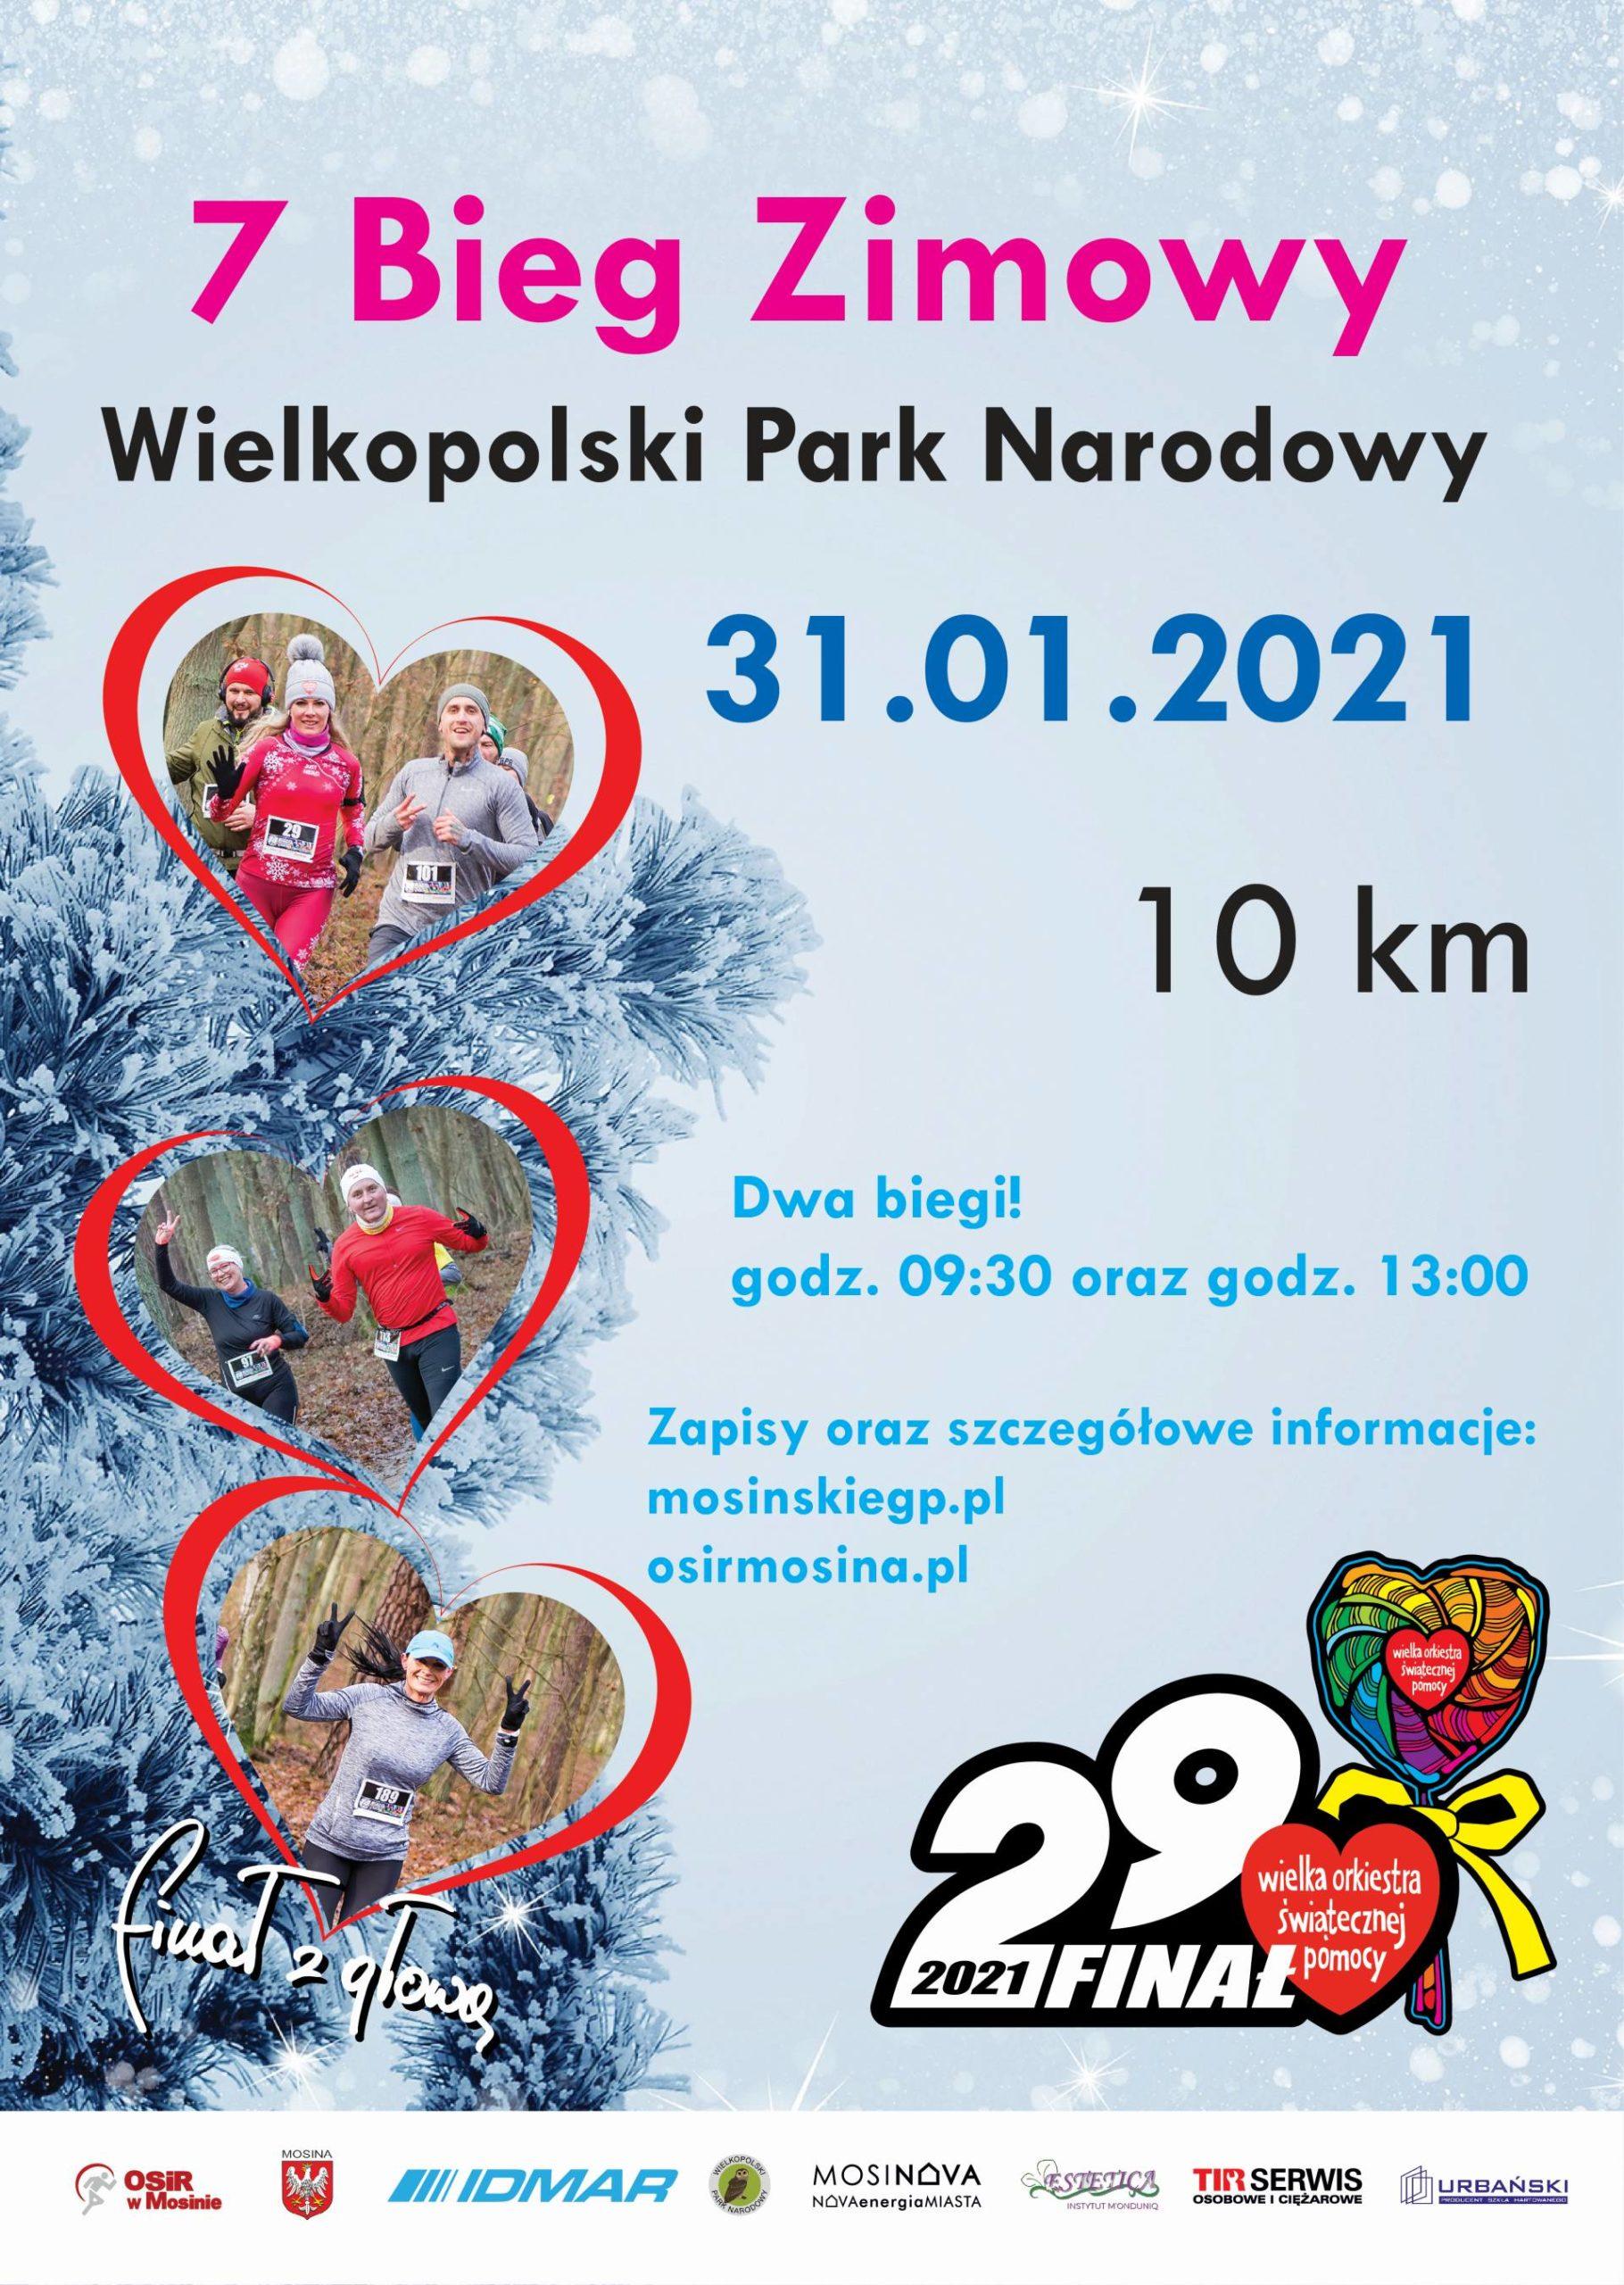 Plakat informujący o 7 Biegu Zimowym